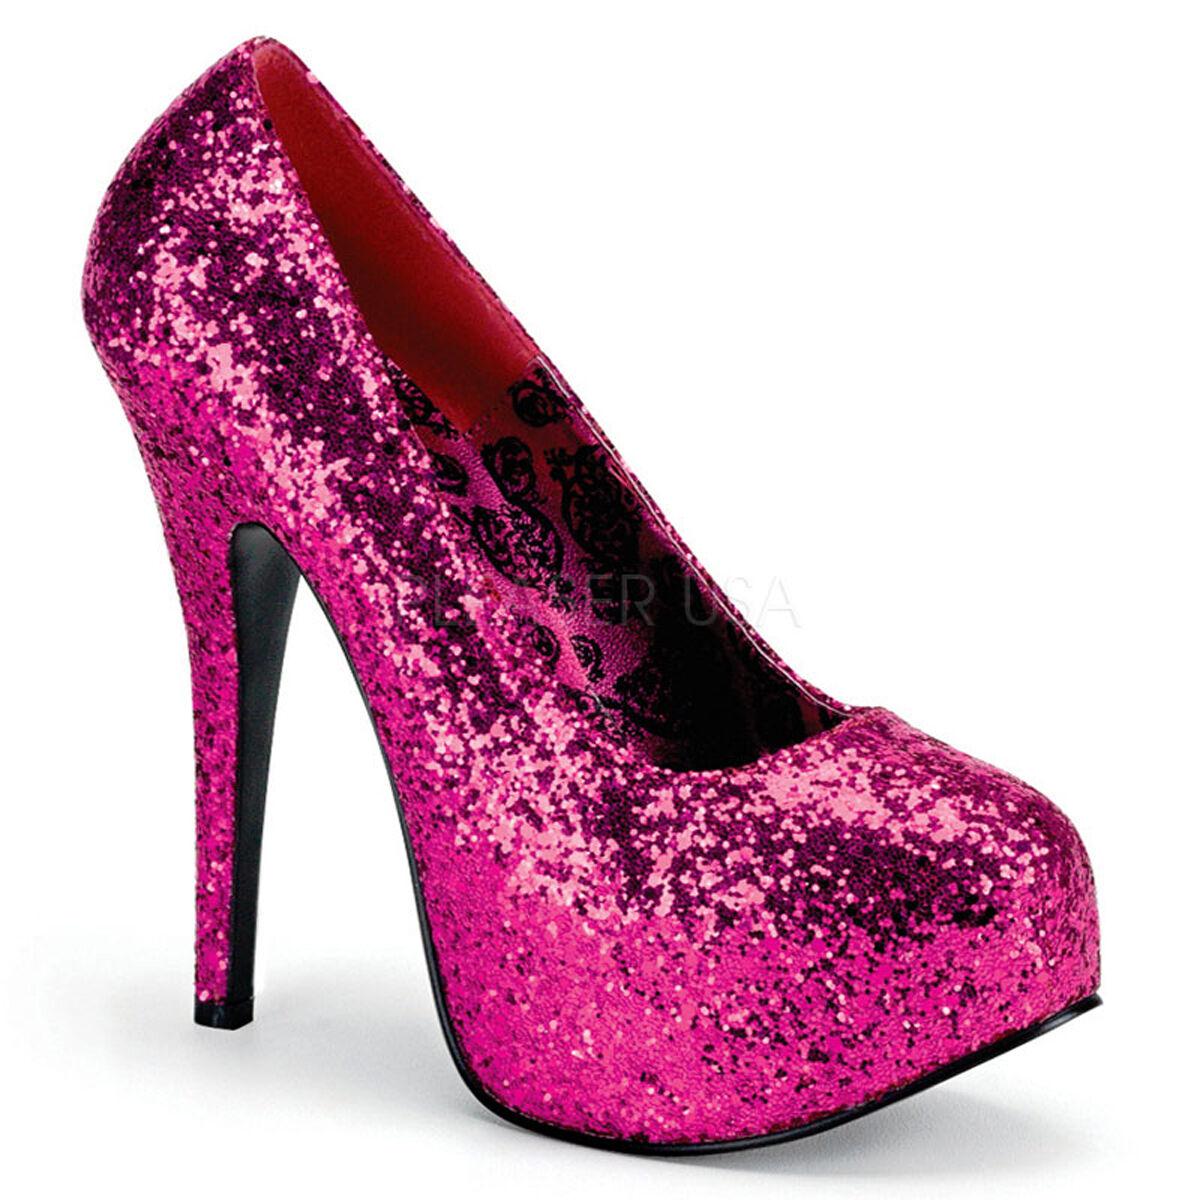 PLEASER 6 Sexy WIDE WIDTH schuhe Hot Rosa Glitter Platform 6 PLEASER  High Heels Pumps 98d773